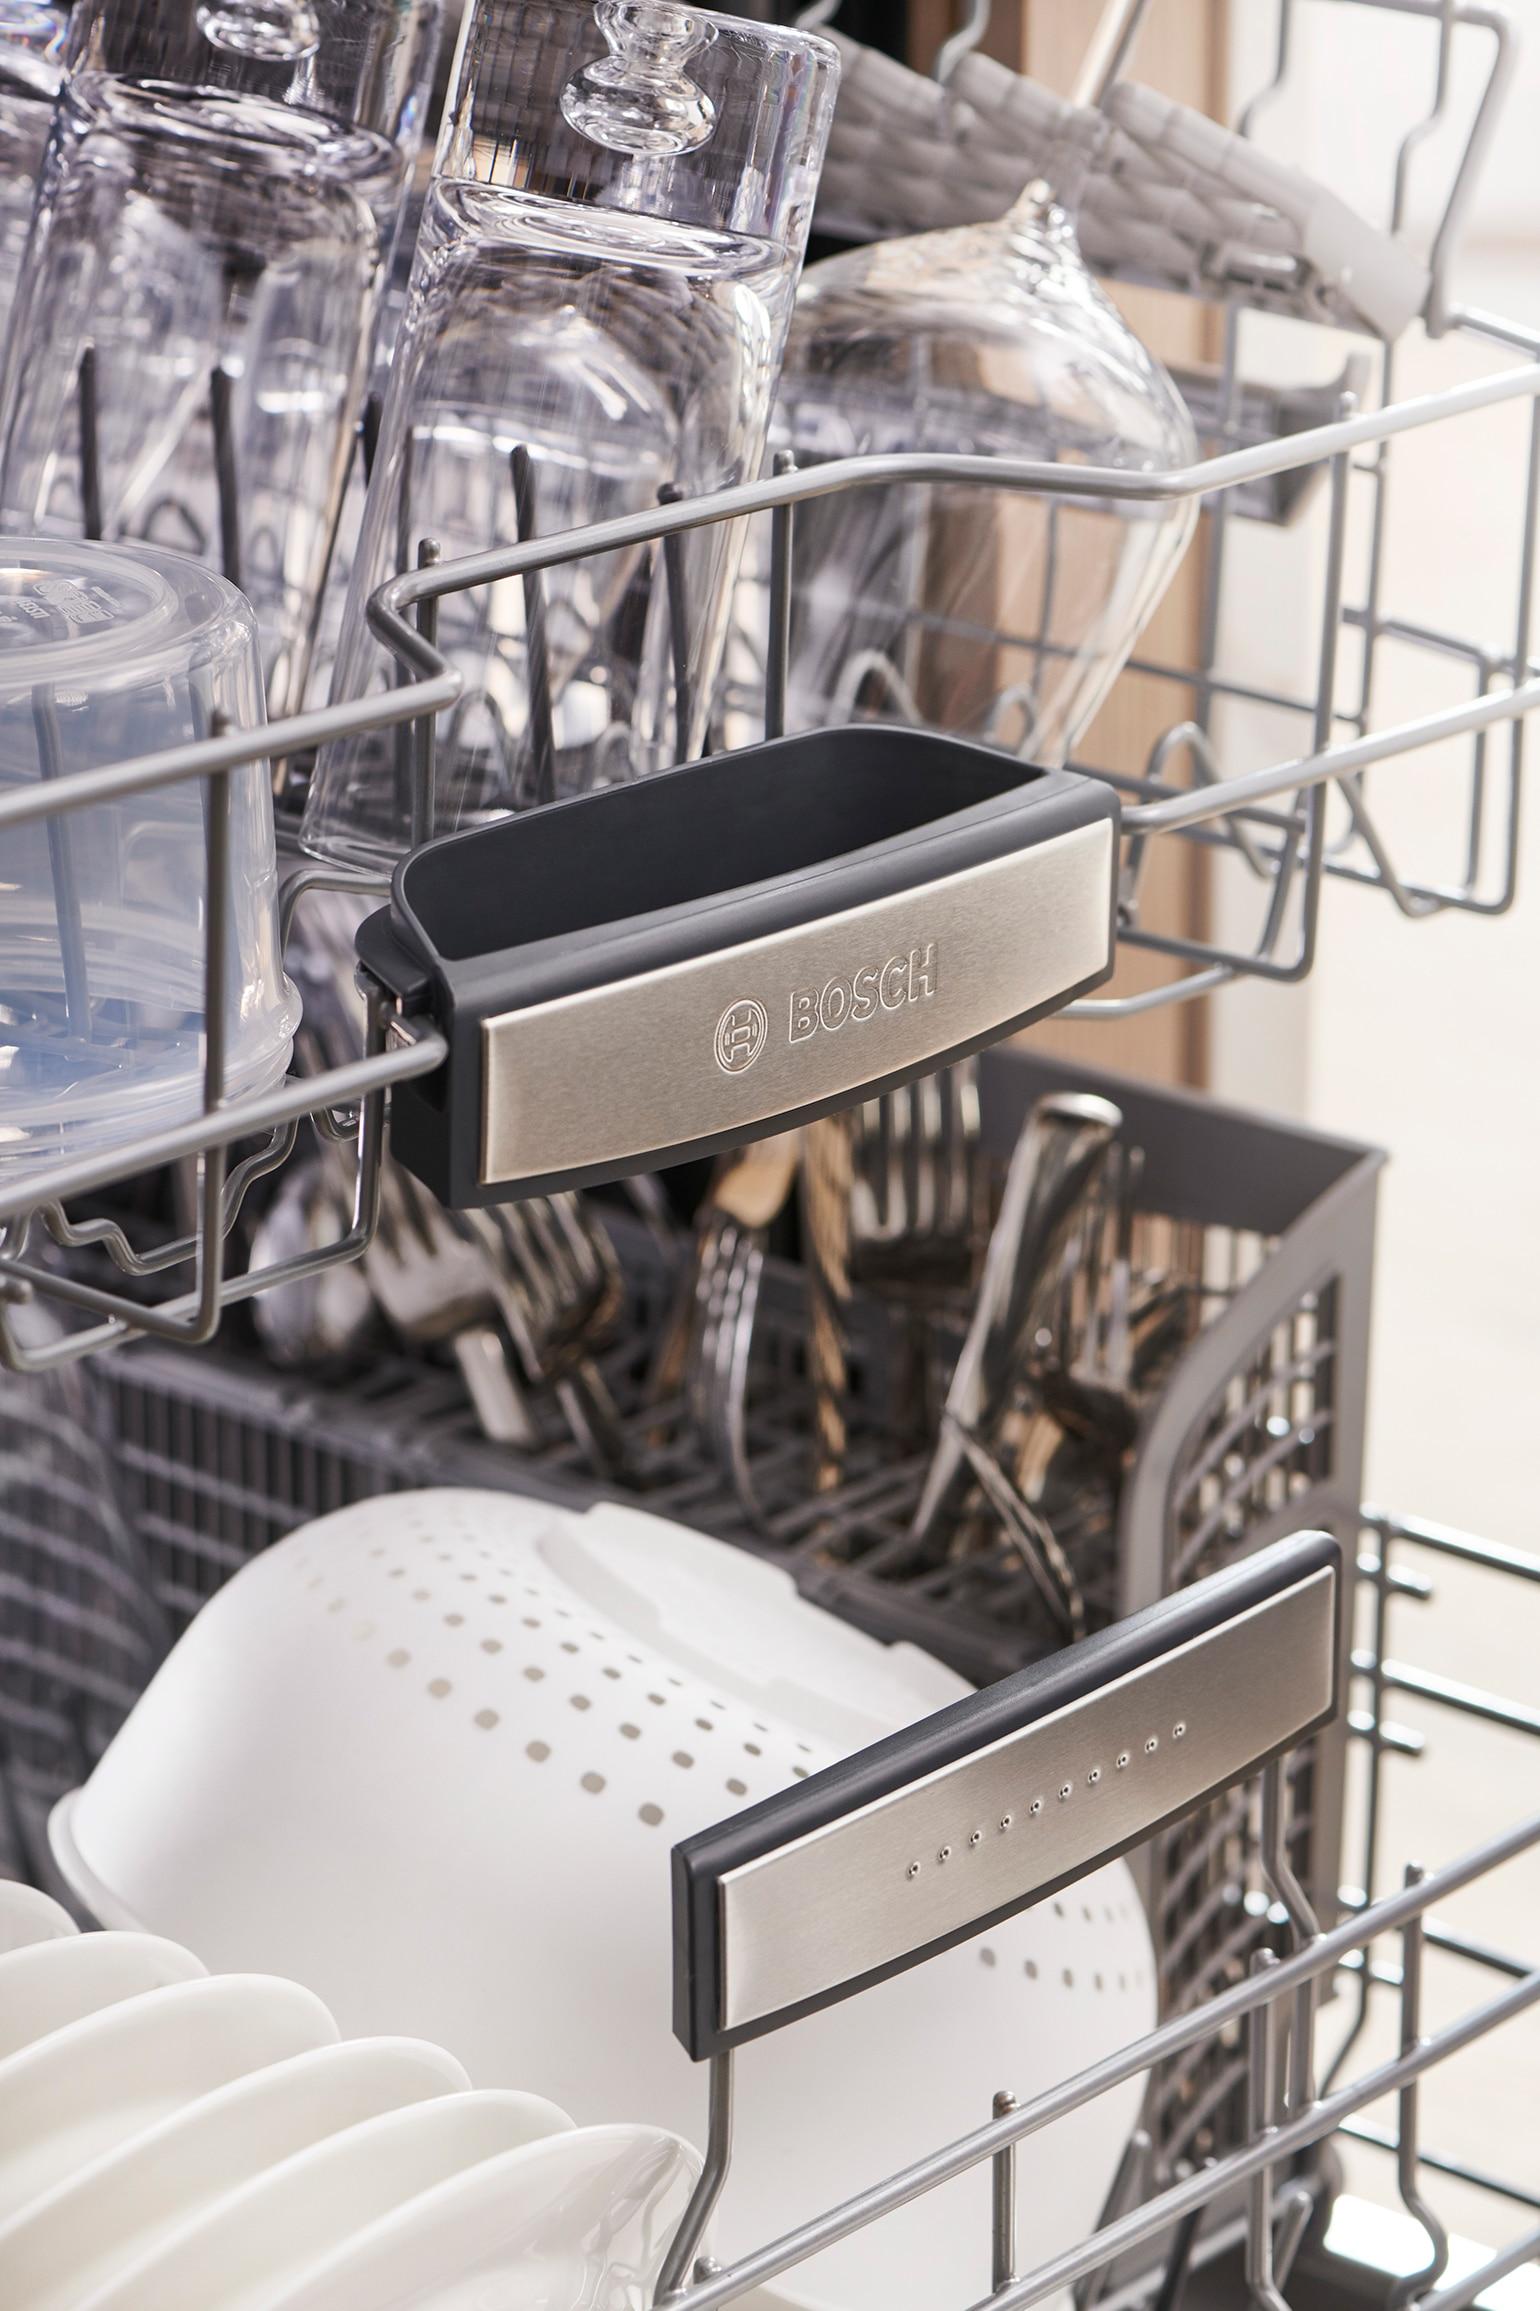 Bosch 800 Series Dish washer